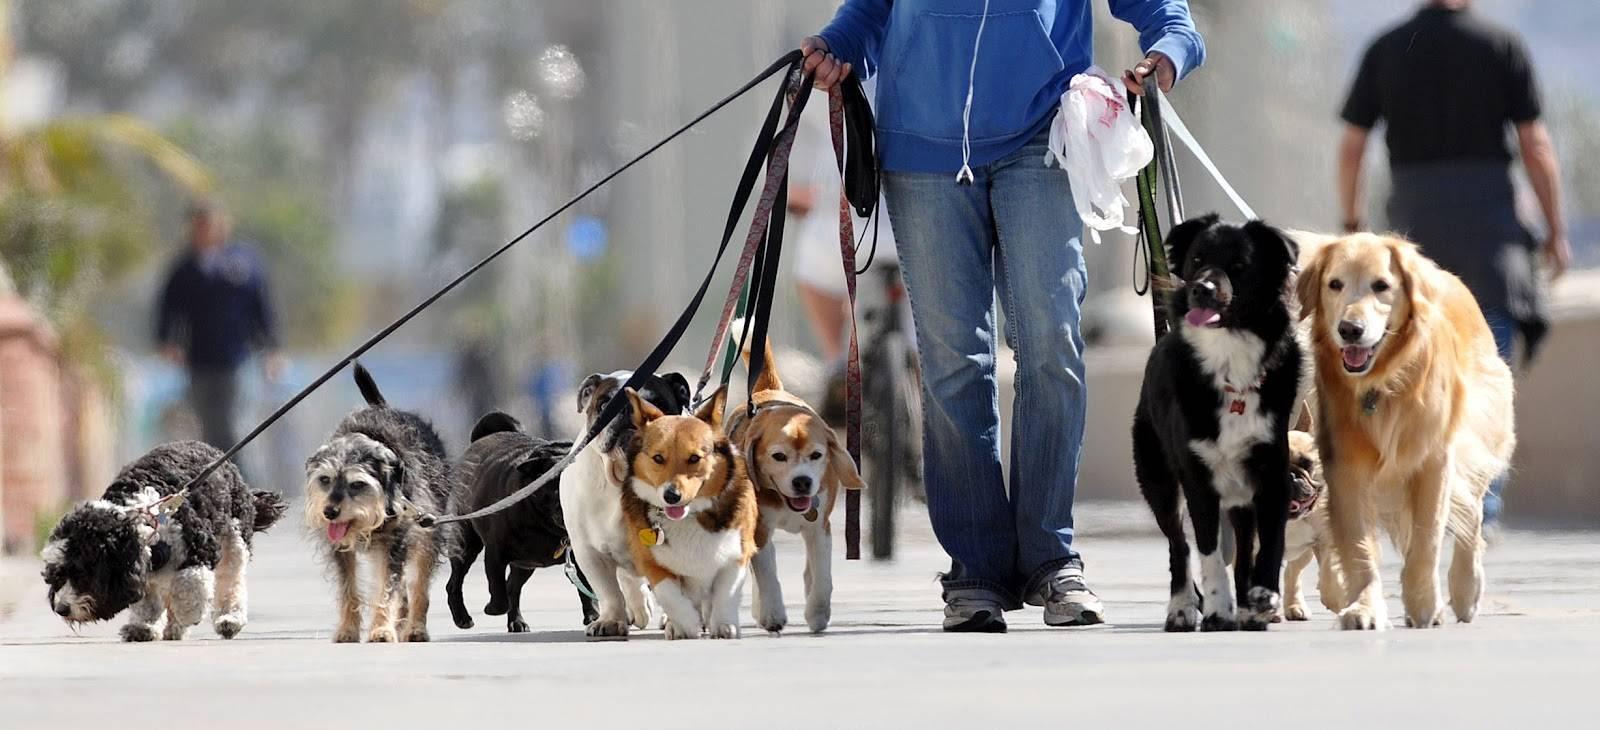 passeando com cães